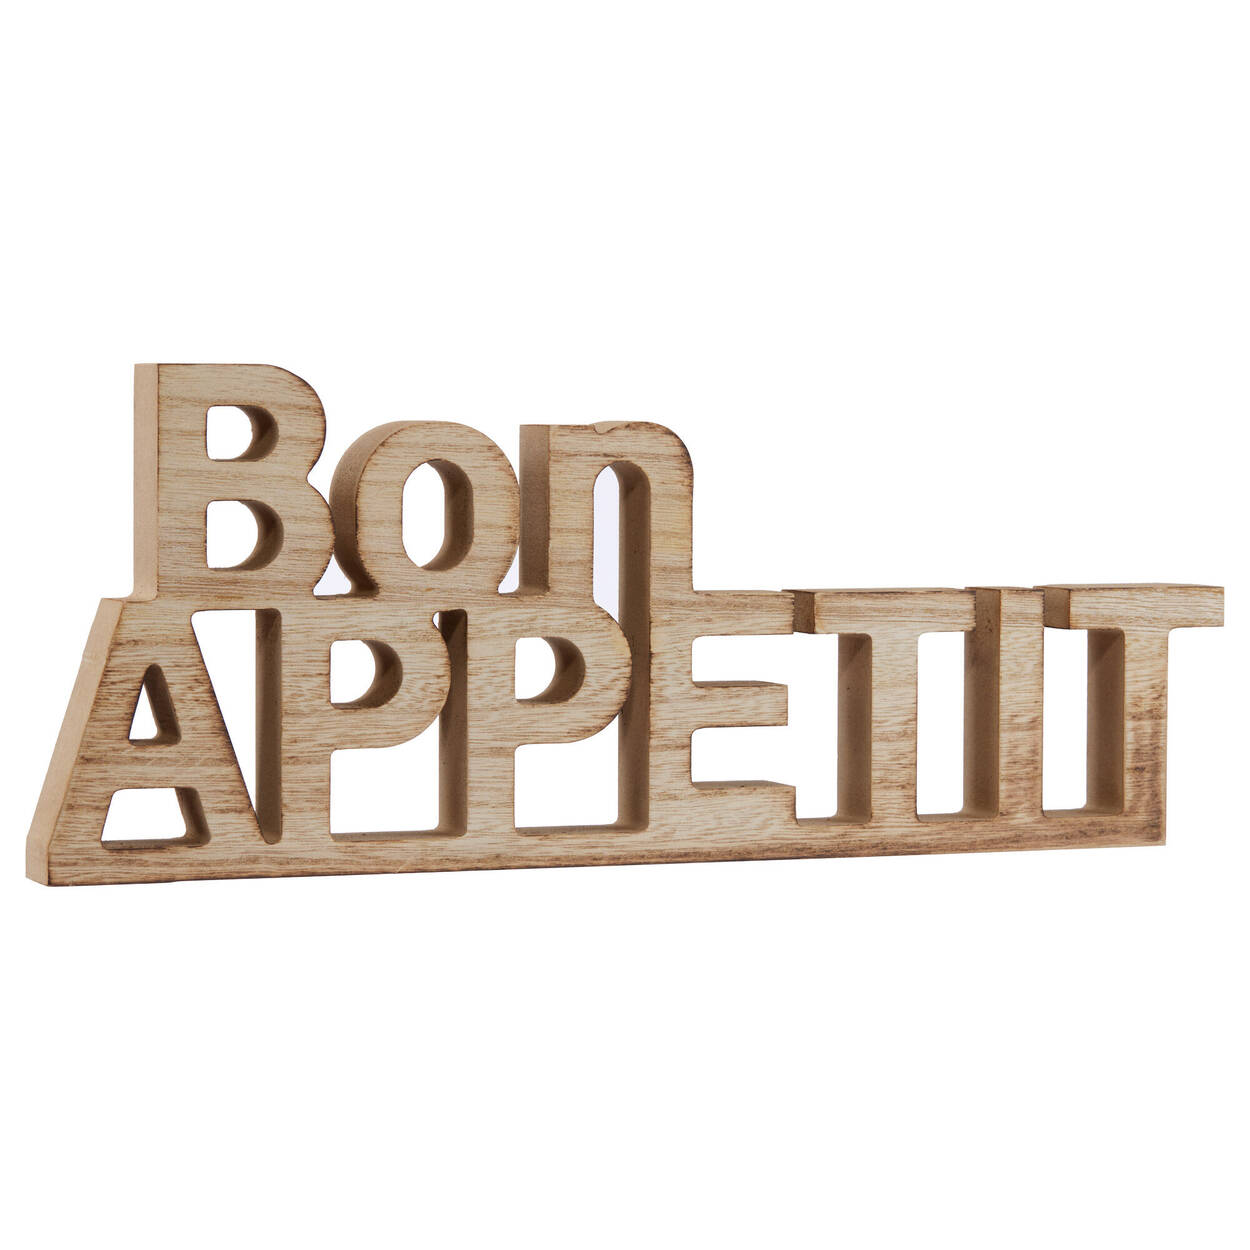 Decorative Words Bon Appetit